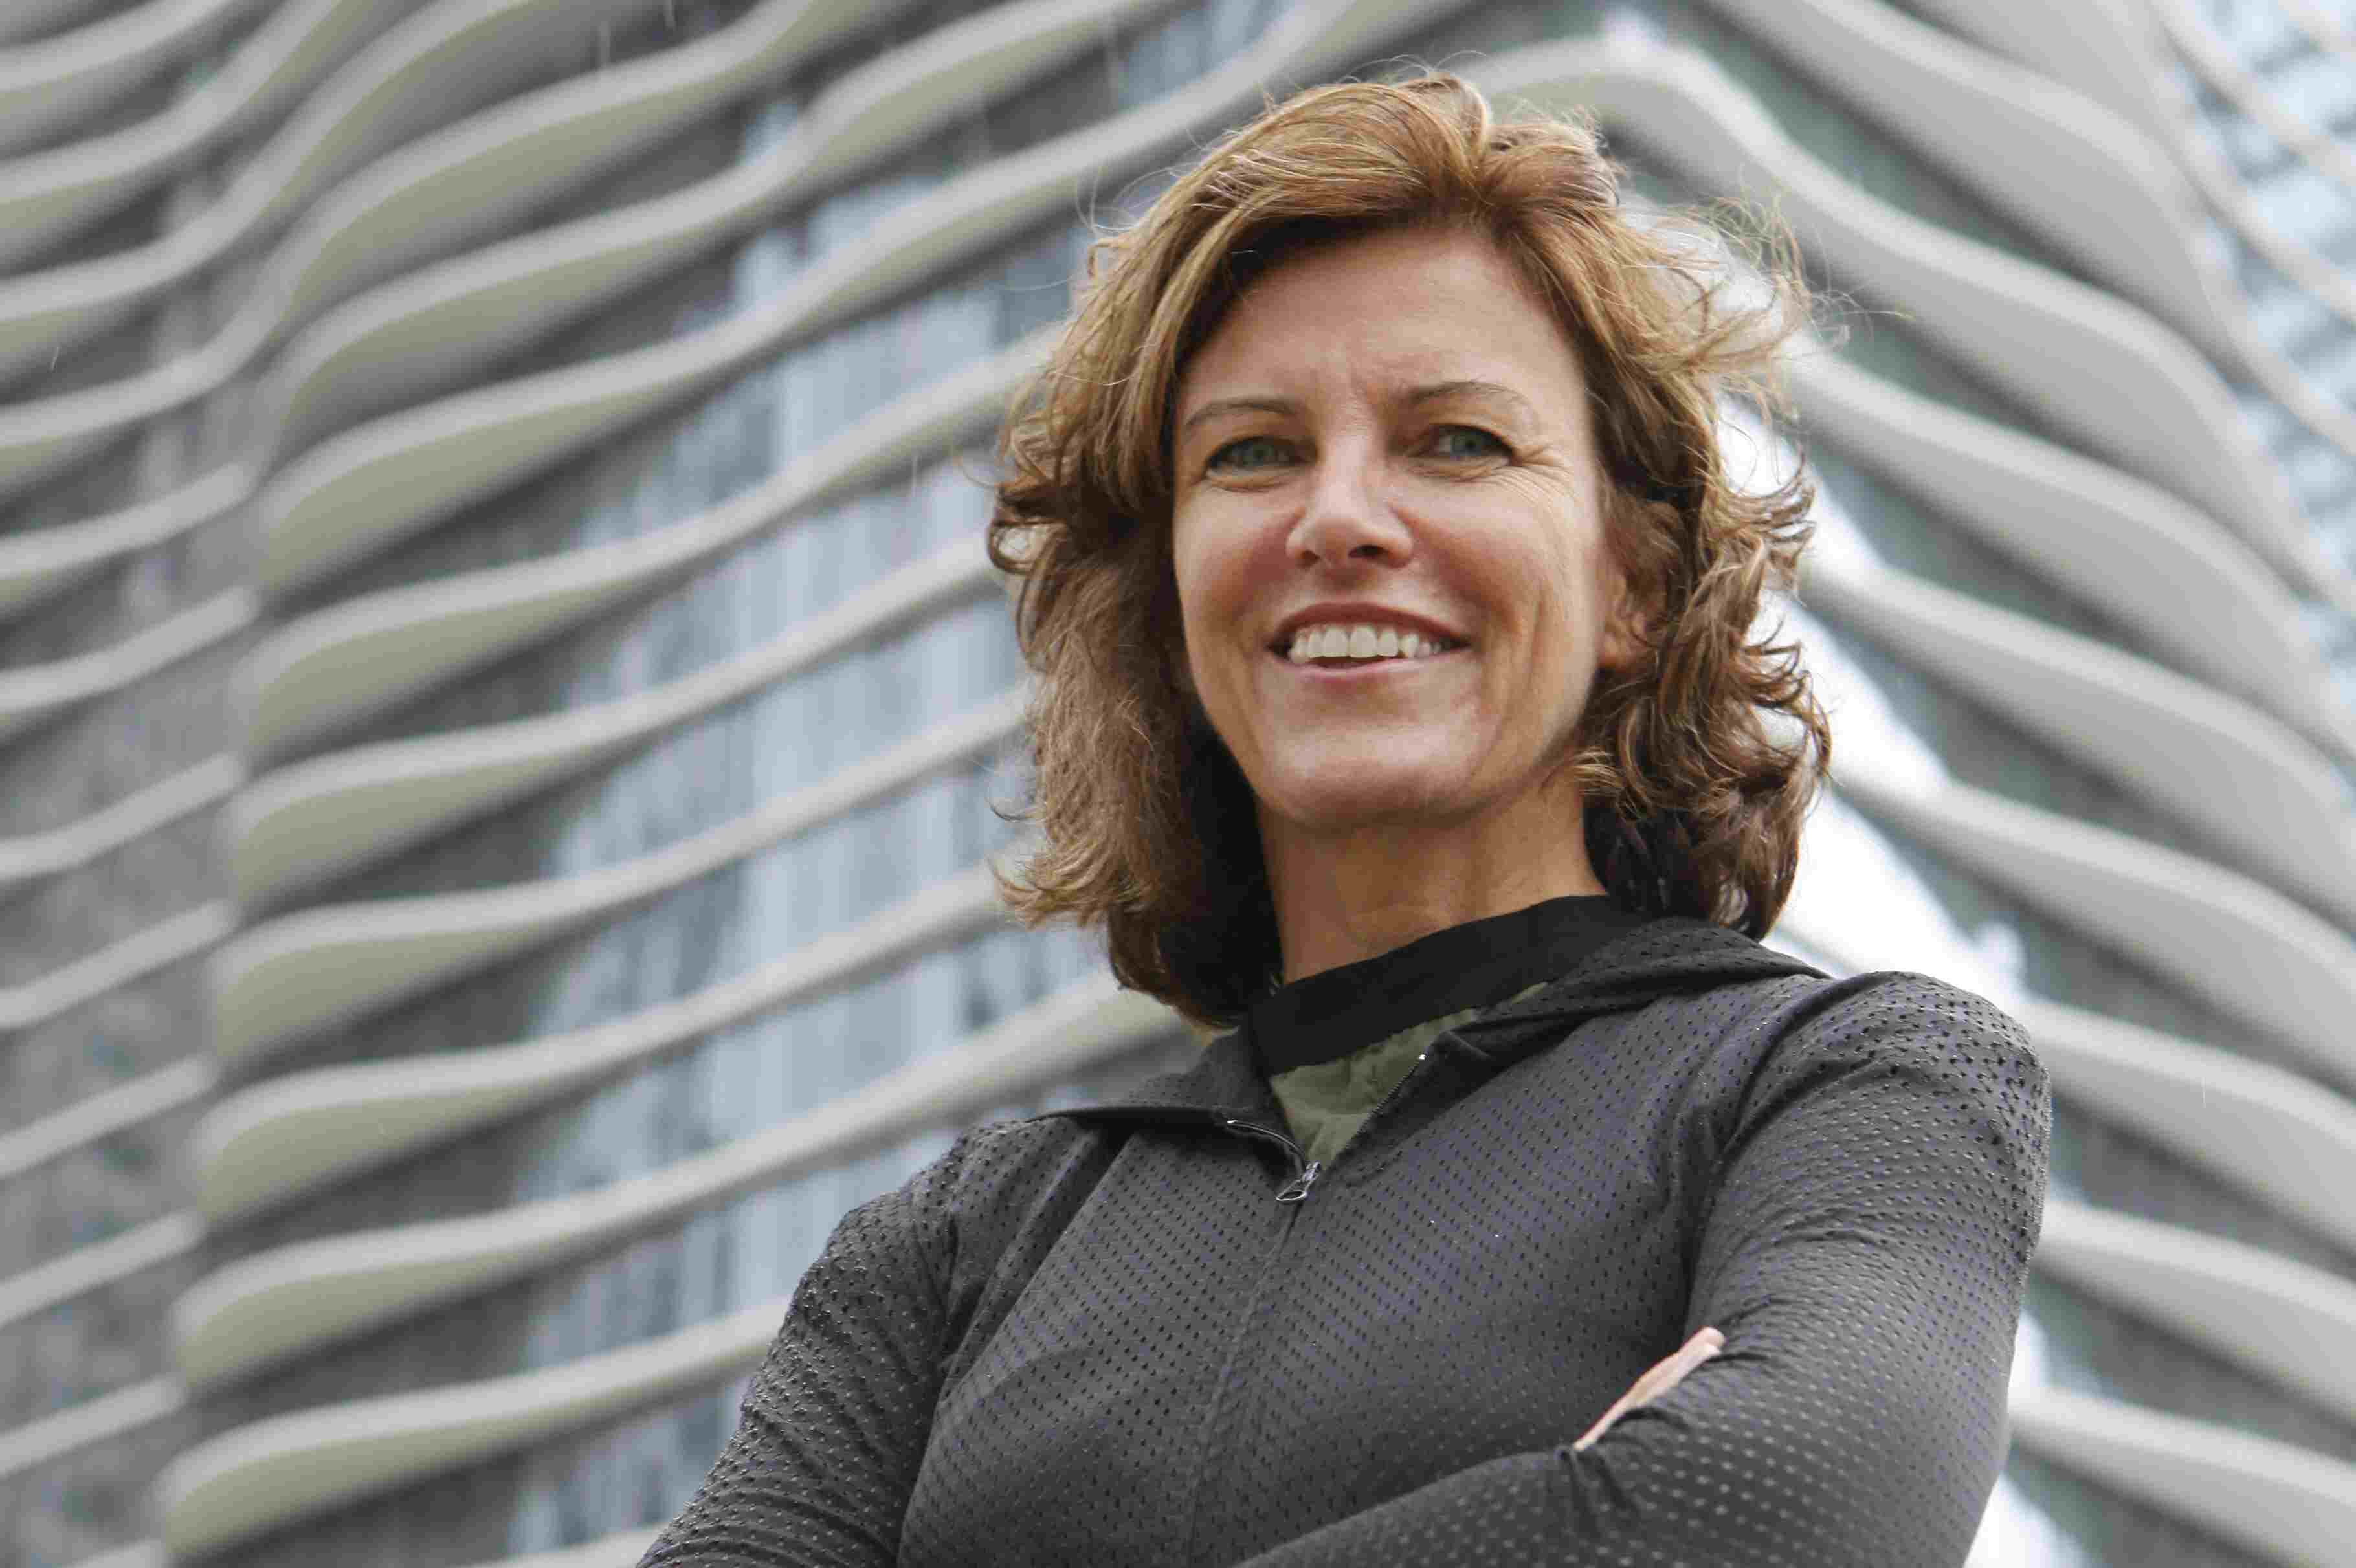 MacArhutr Boursier de la Fondation Jeanne Gang devant son gratte-ciel, Aqua Tower, à Chicago